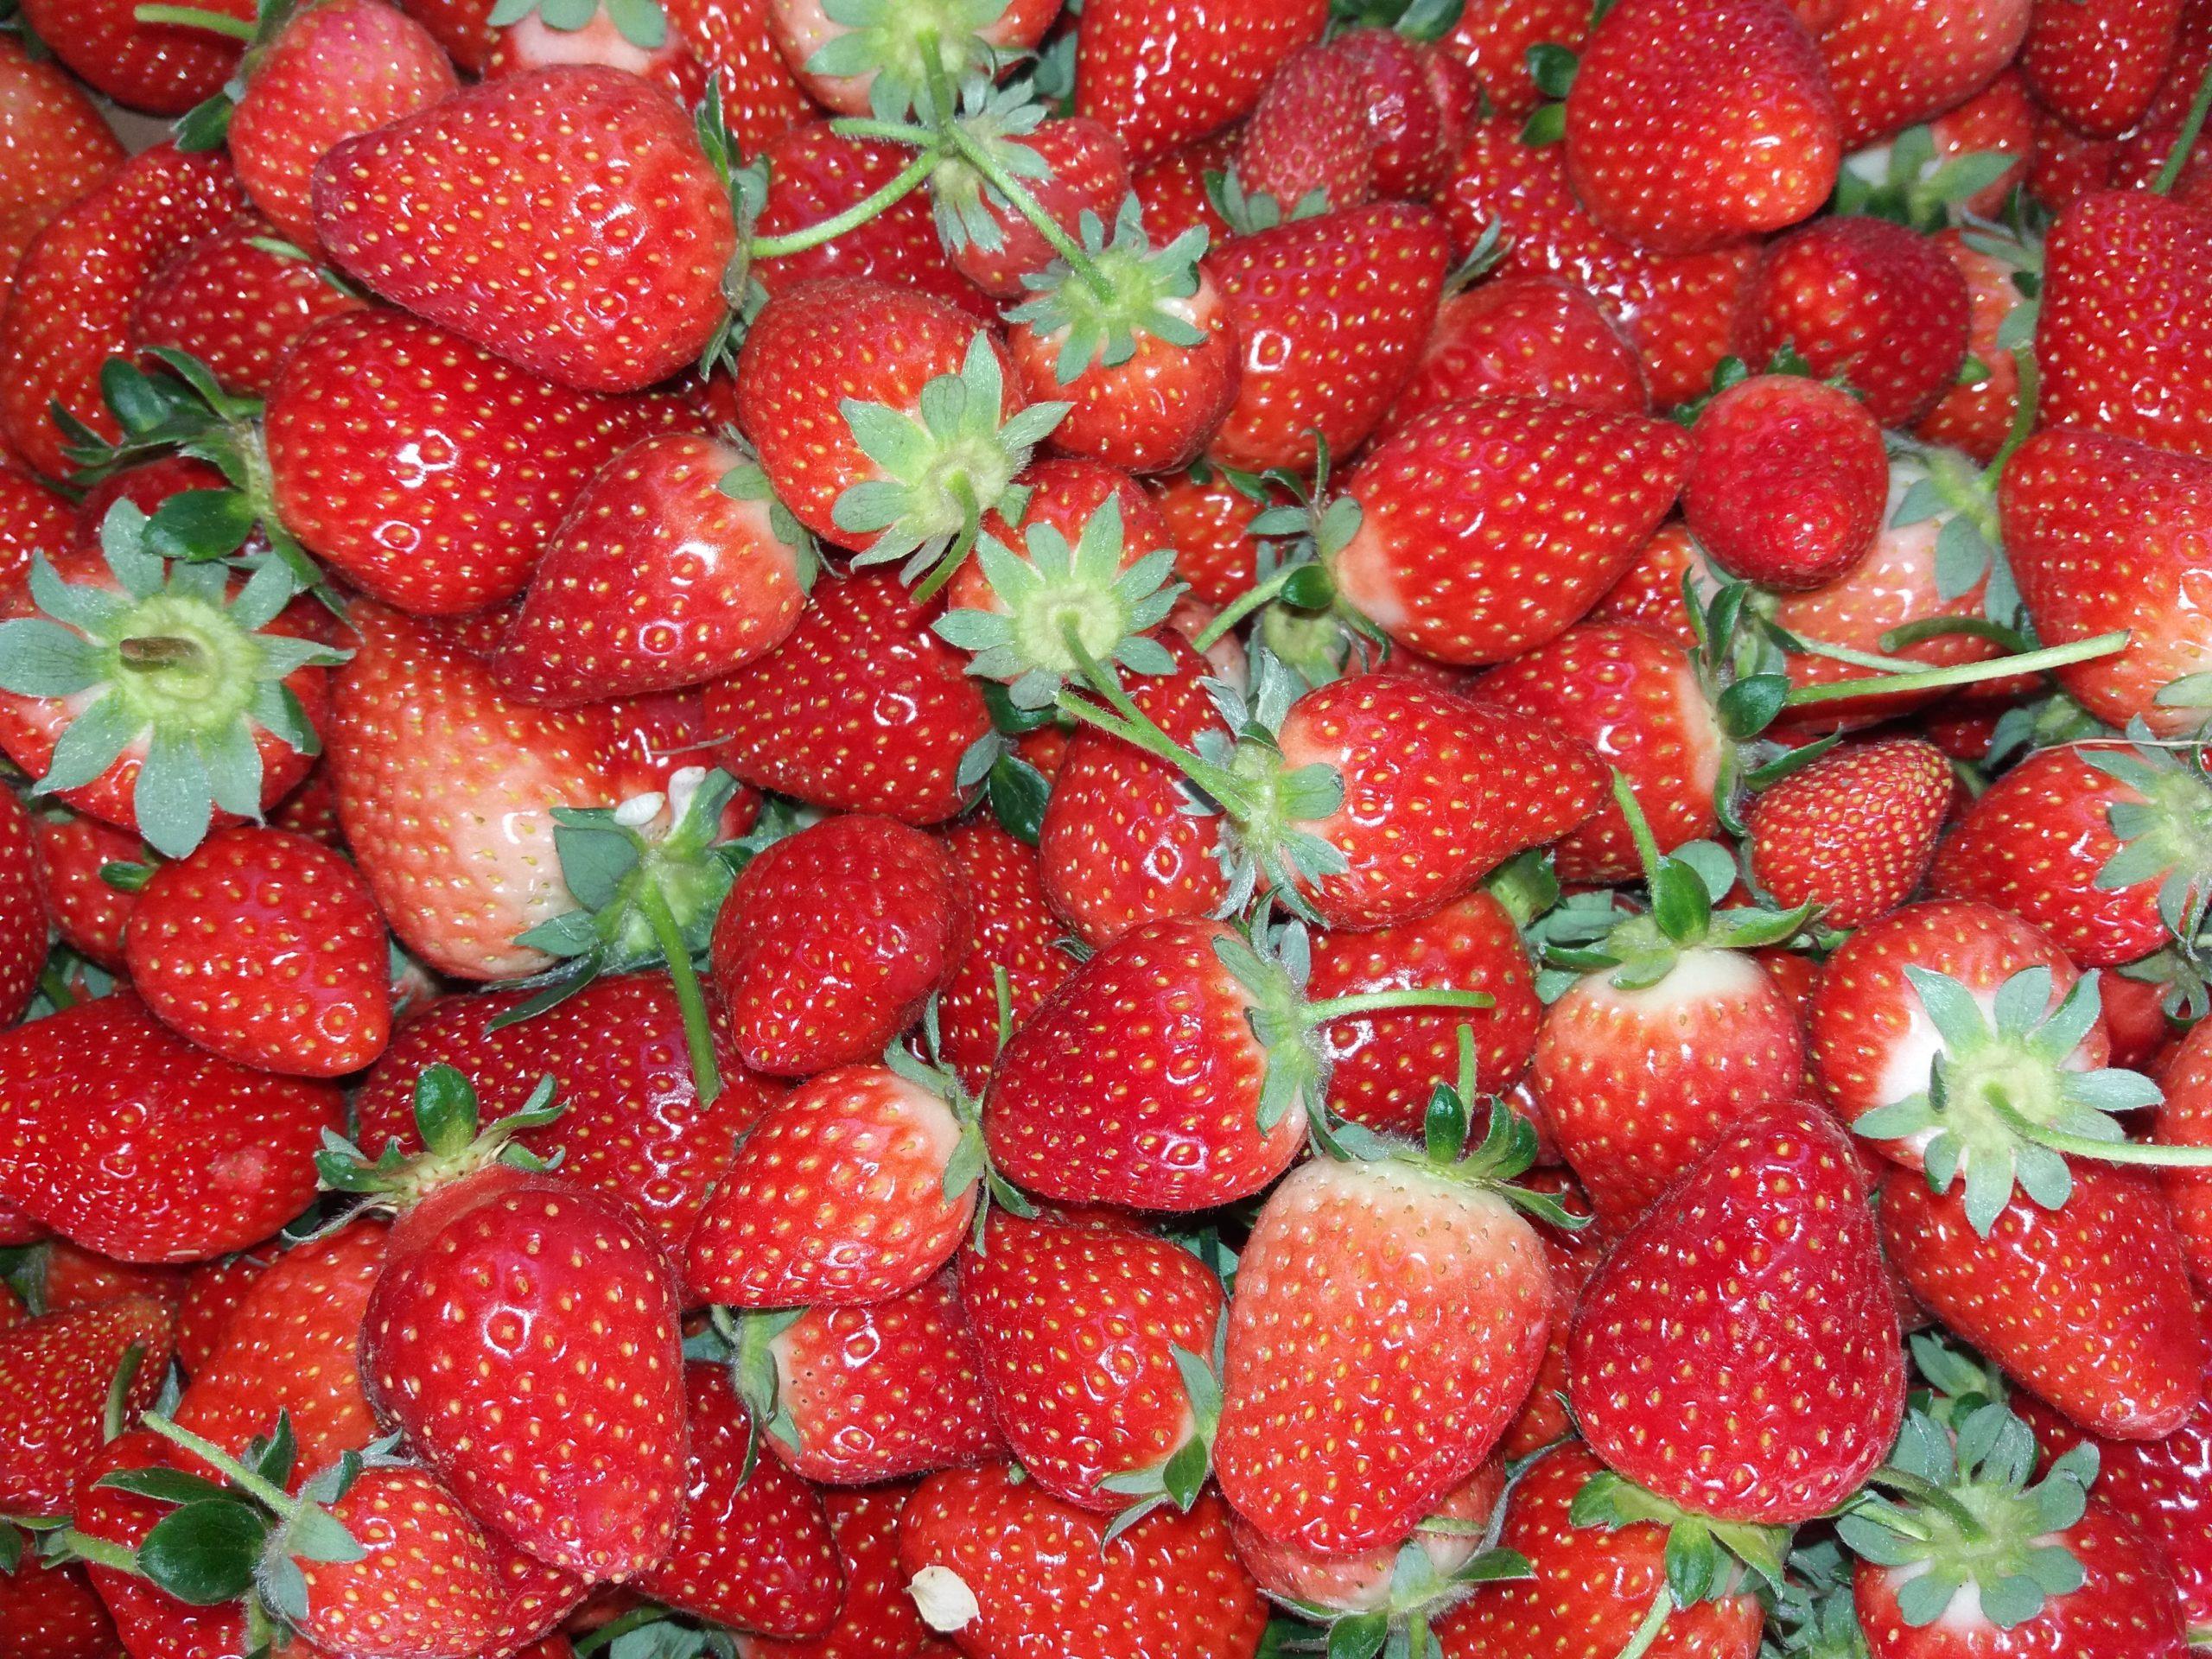 Le fragole piacciono a tutti (o quasi) e molti in questa stagione le coltivano nell'orto. Scopriamo insieme quali sono le principali patologie della fragola e alcune accortezze per prevenirle.